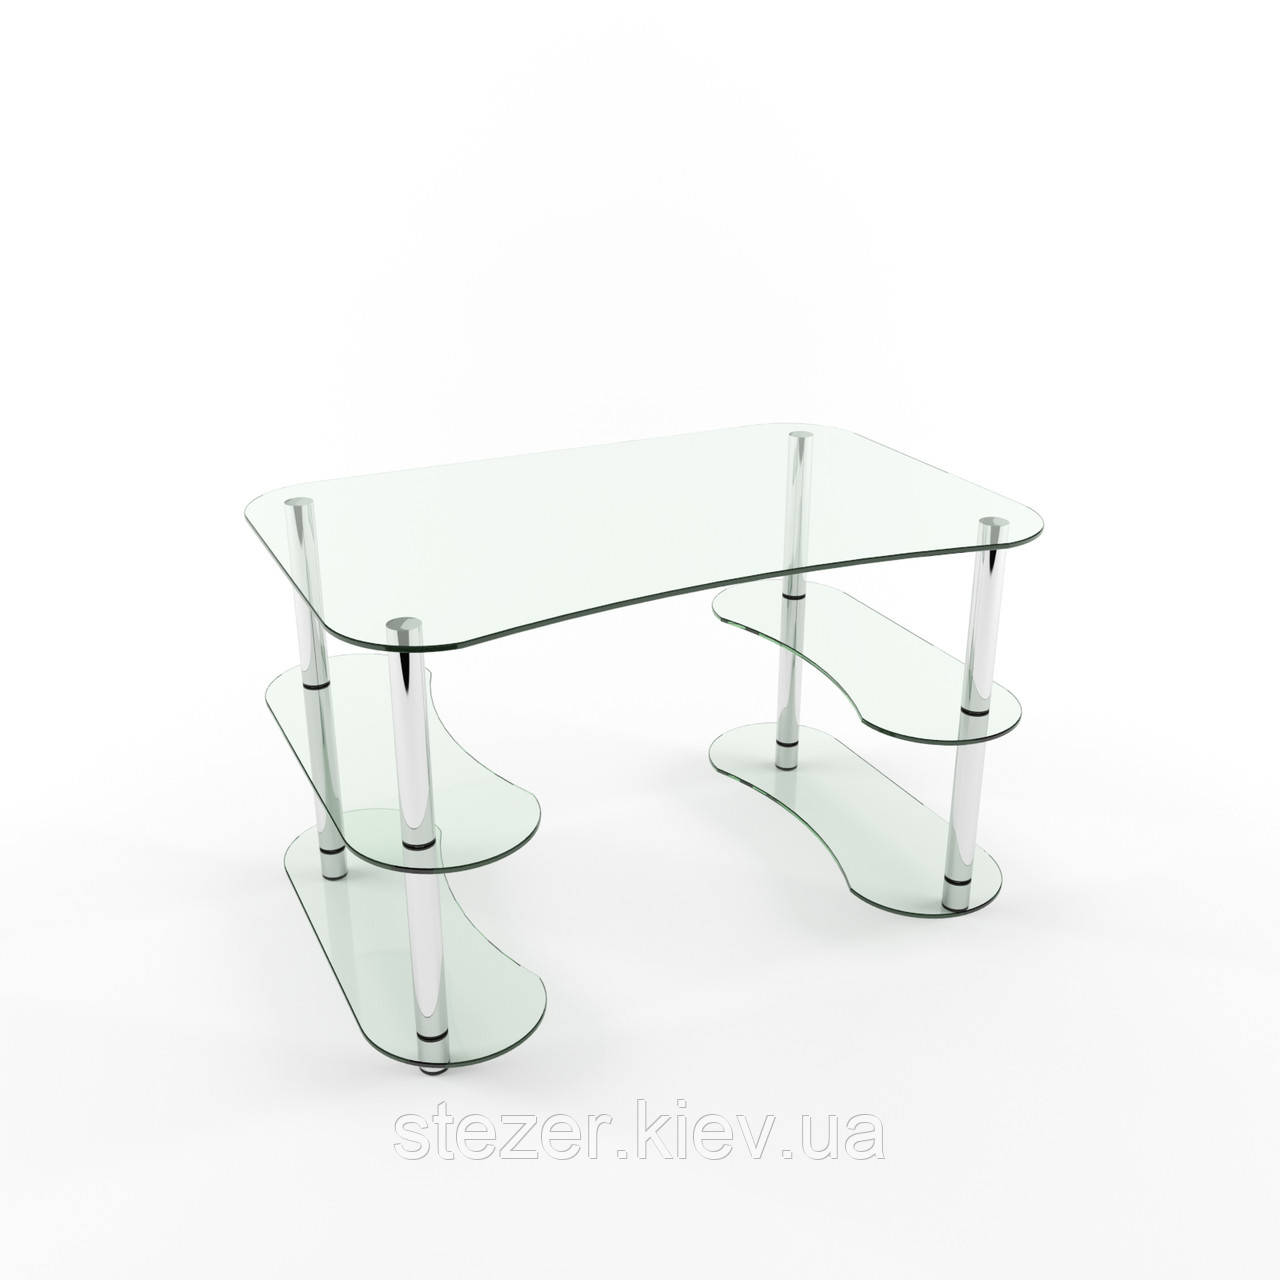 Стеклянный стол для ноутбука Ади